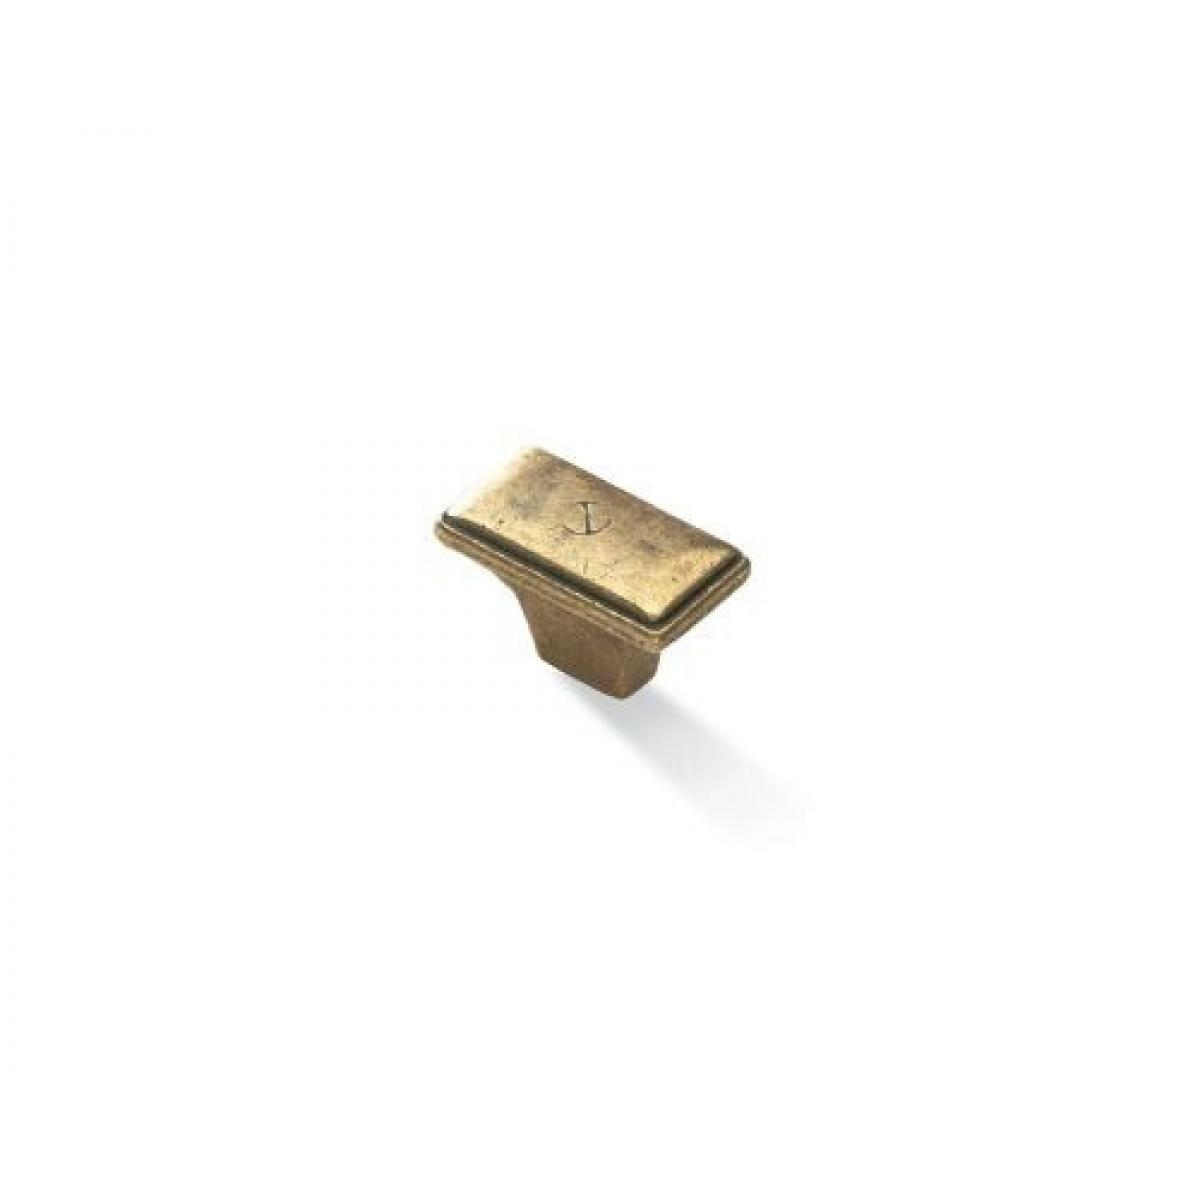 Ручка HP 4785, цвет античная бронза